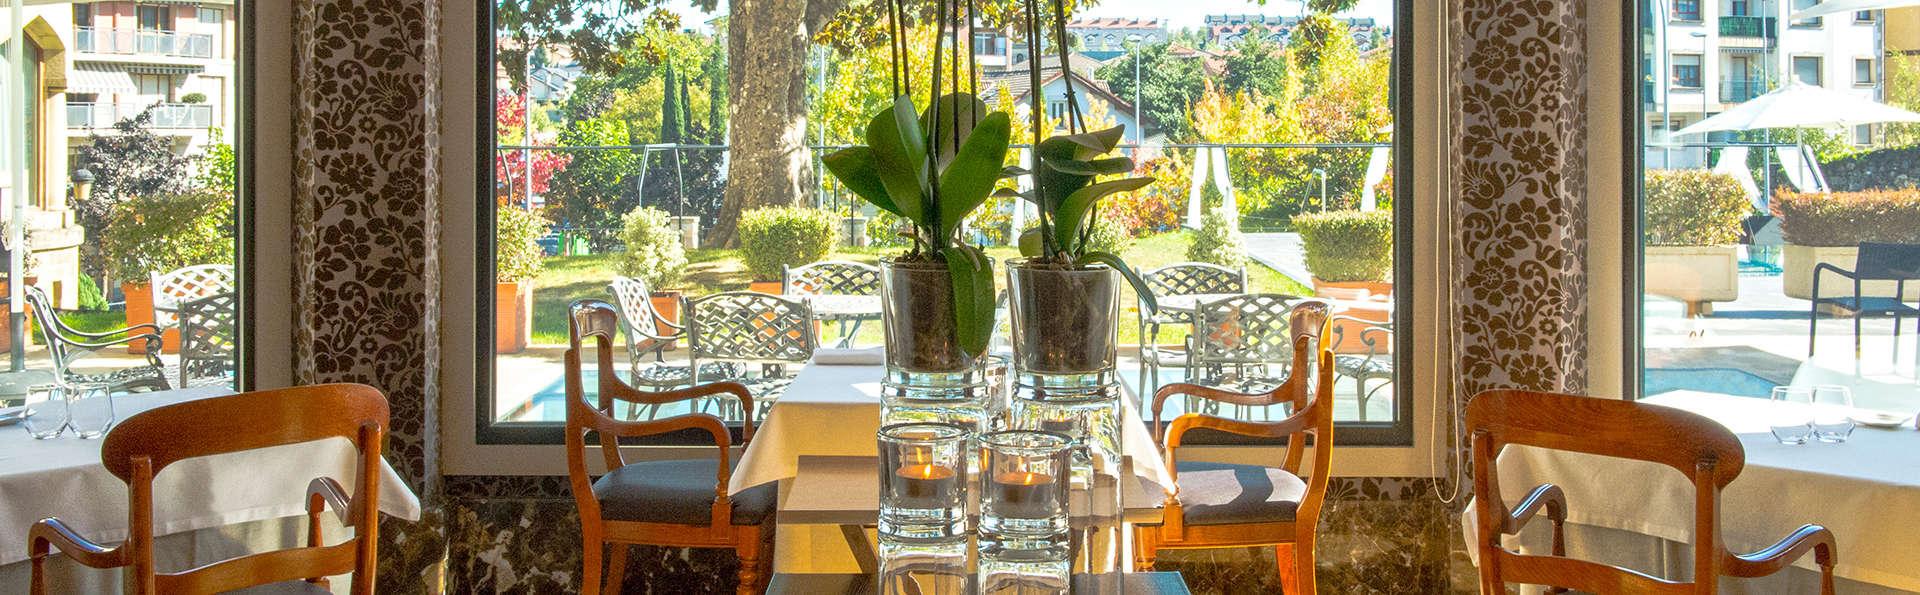 Escapade romantique avec dîner romantique à proximité du Parc naturel d'Urkiola